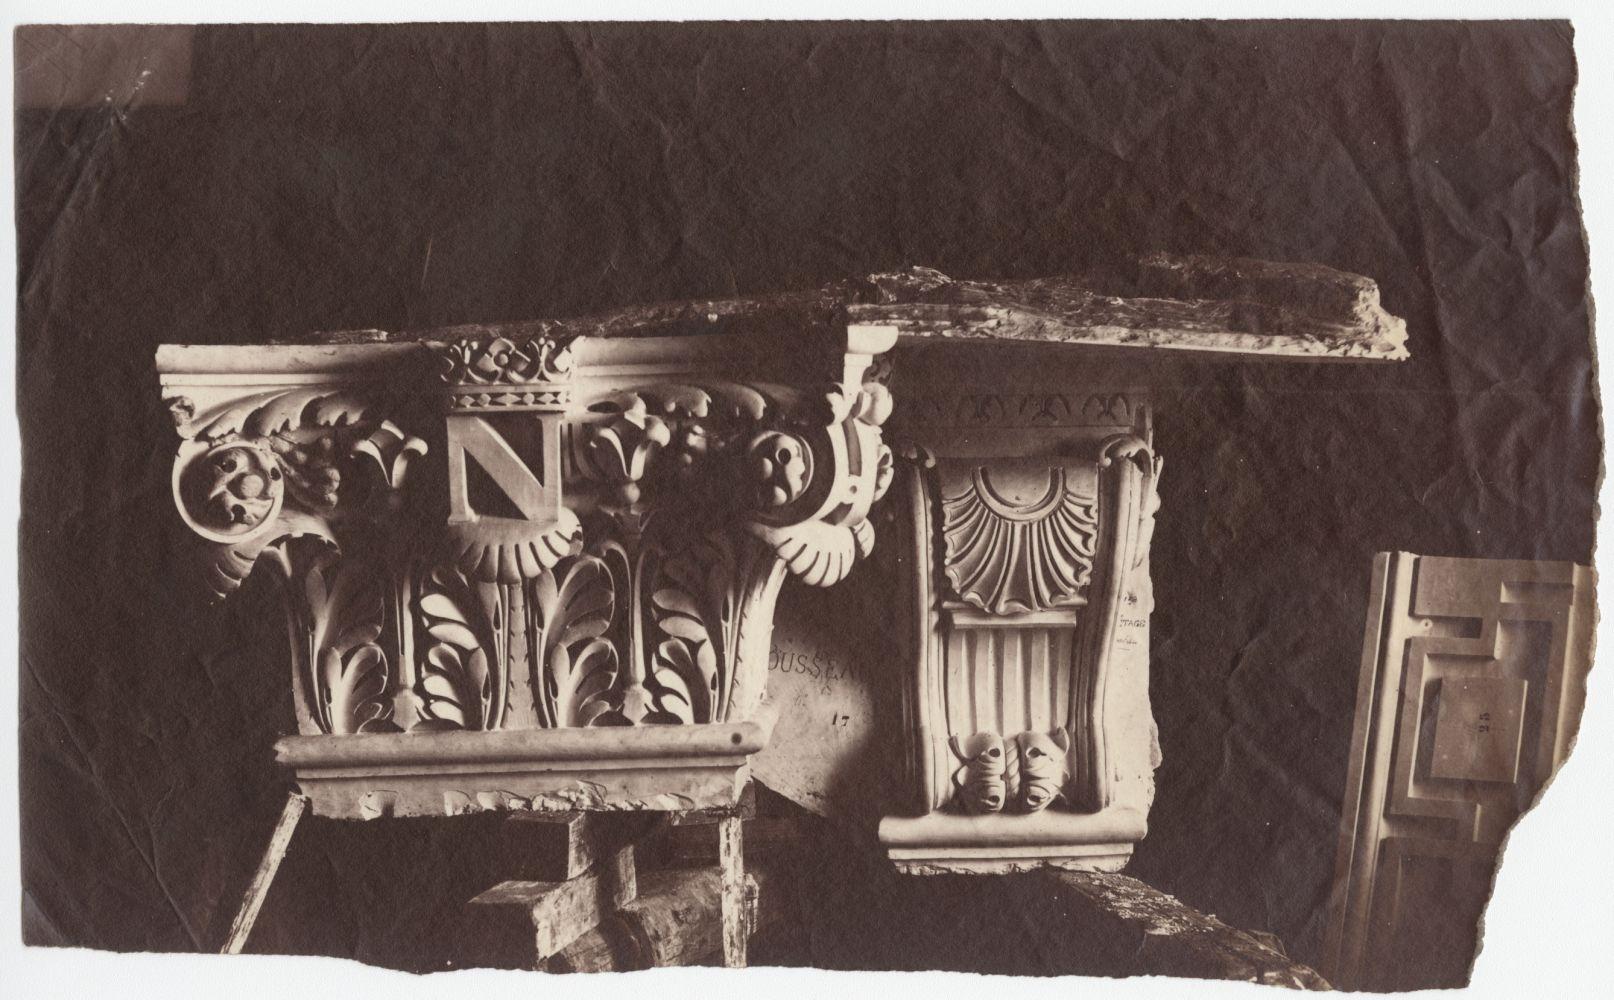 Édouard-Denis BALDUS (French, 1813-1889) Decorative element, Louvre, circa 1856 Albumen print from a collodion negative 13.7 x 22.2 cm